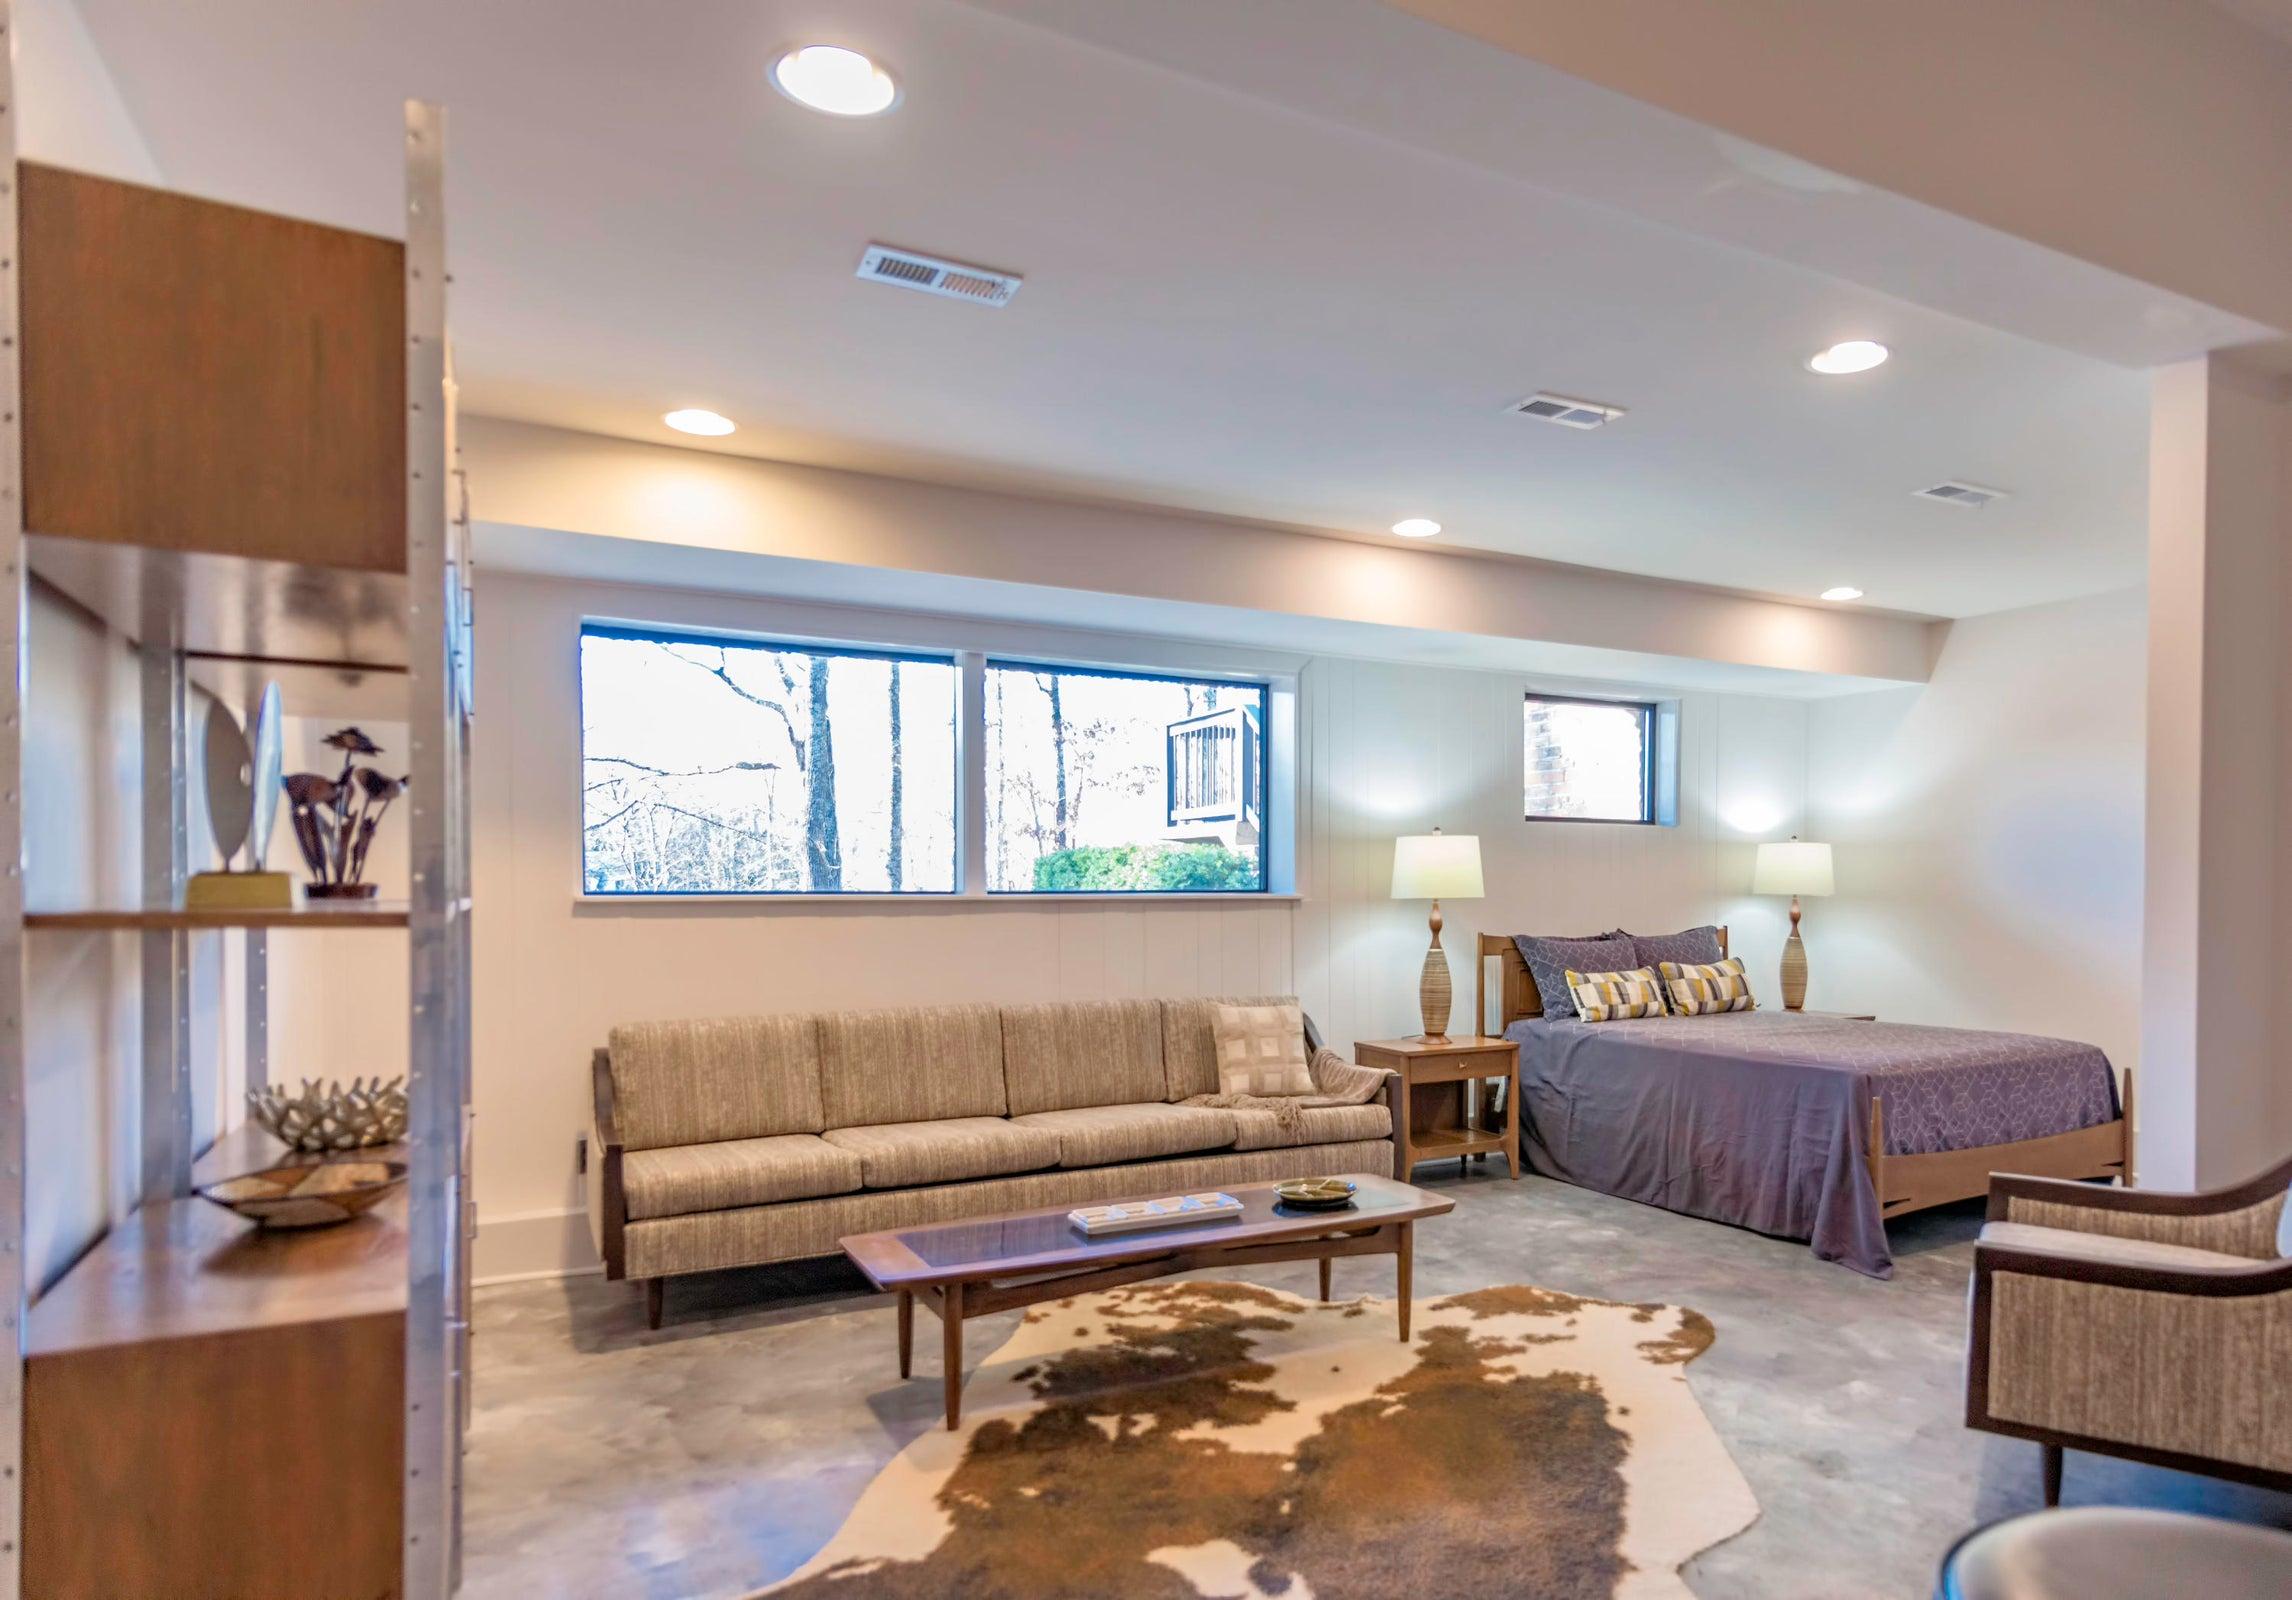 DSC_2076 - Bedroom 5 Guest Suite